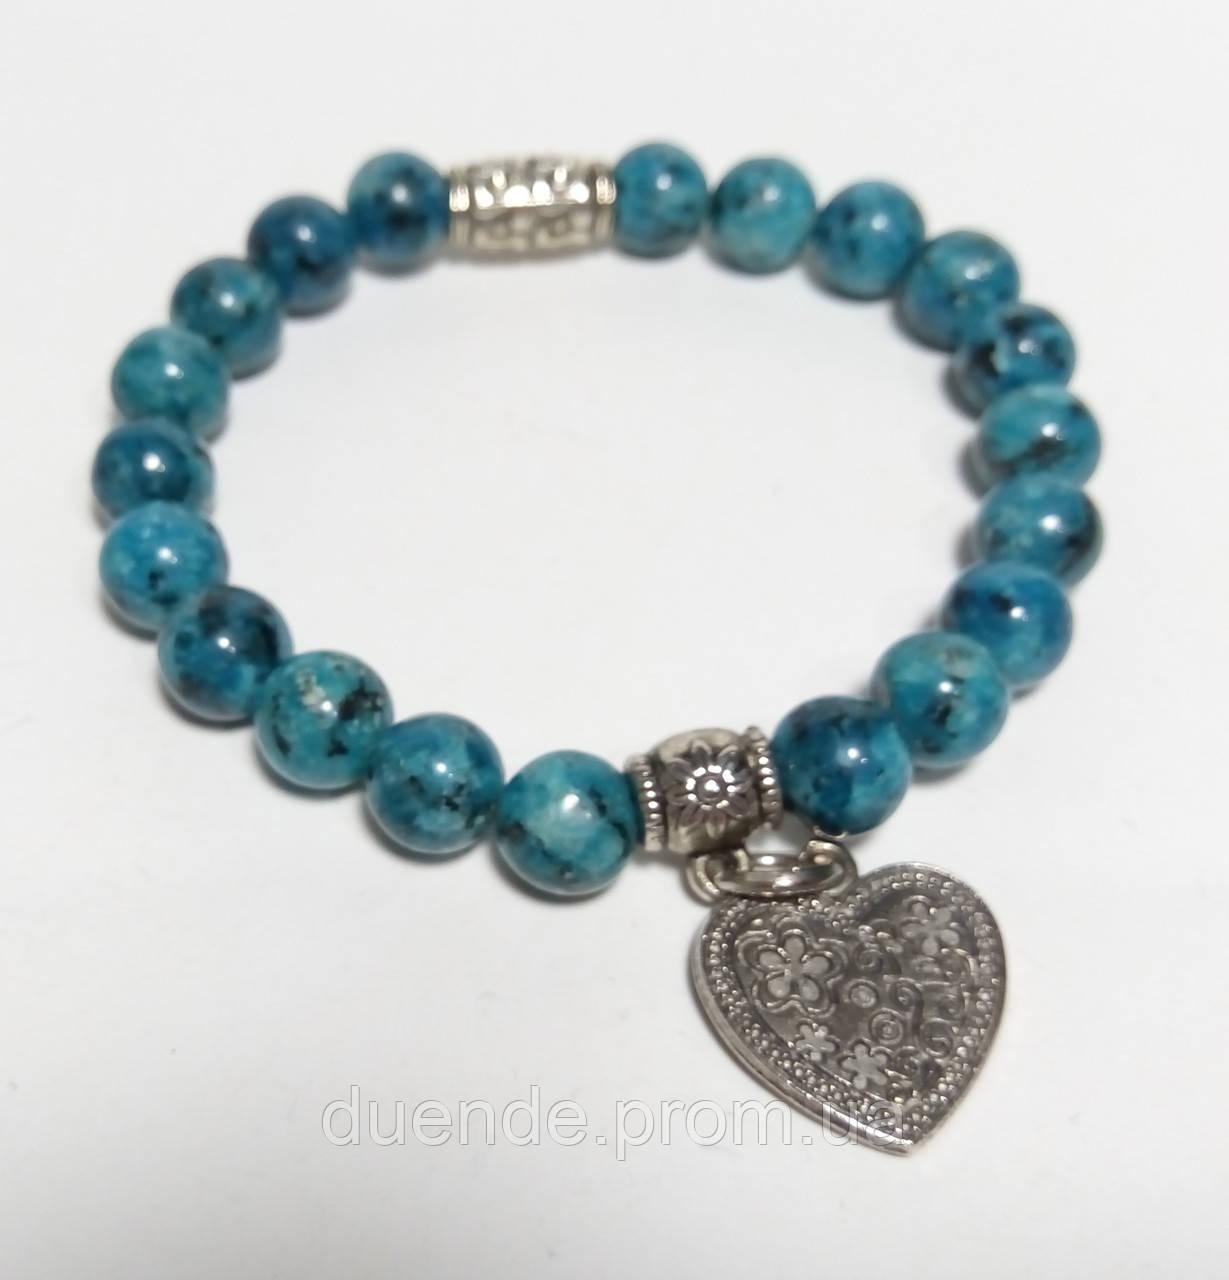 Браслет Яшма з підвіскою, натуральний камінь, синій колір і його відтінки, тм Satori \ Sb - 0097